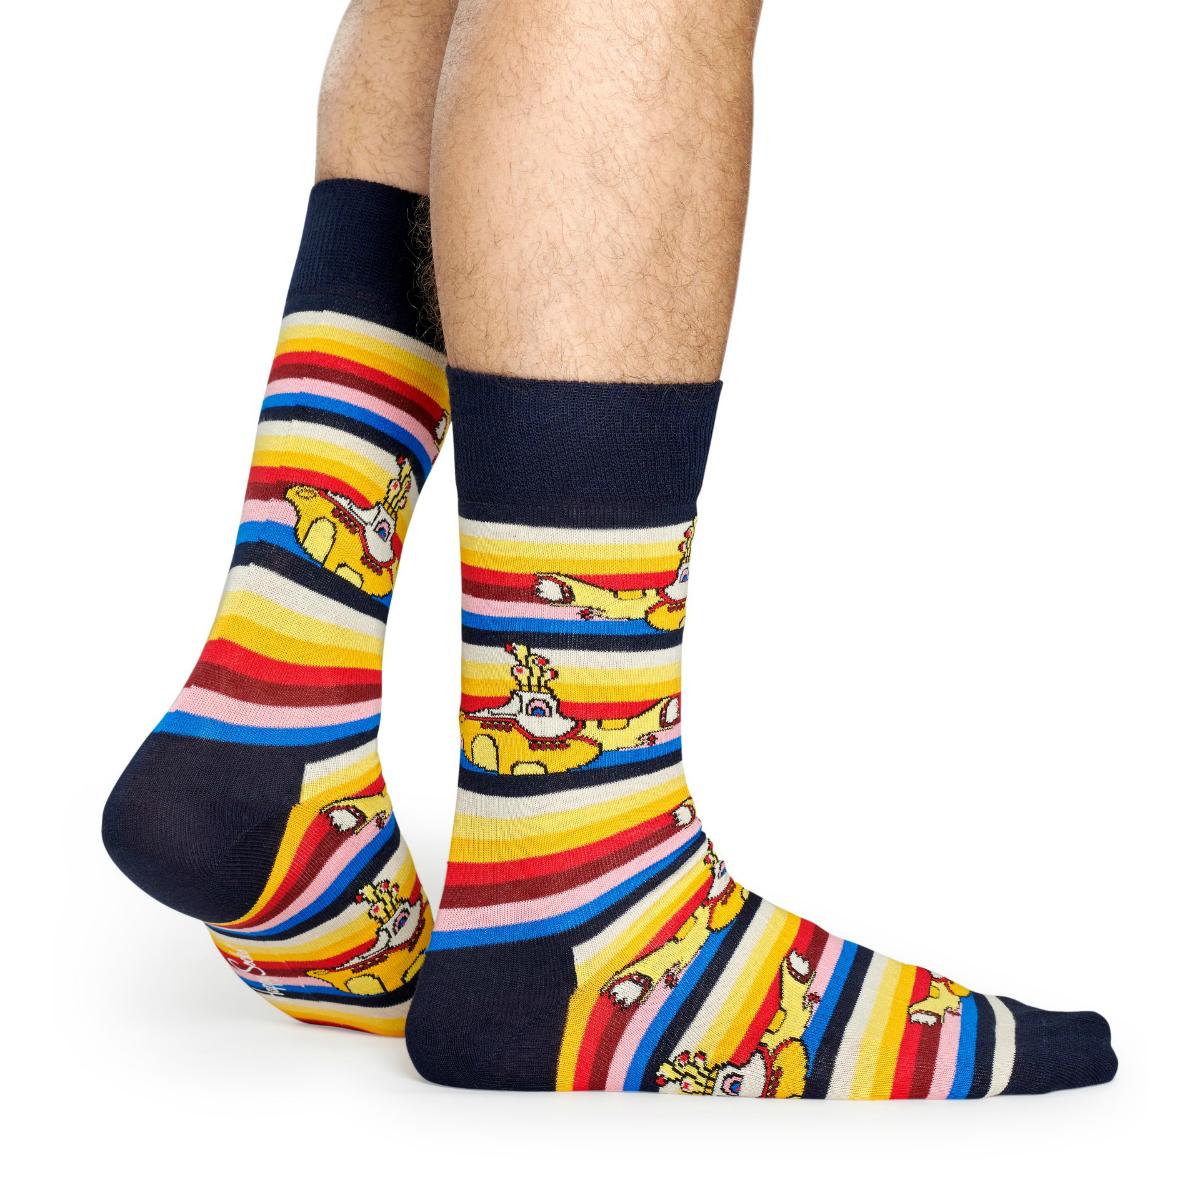 Happy Socks All On Board